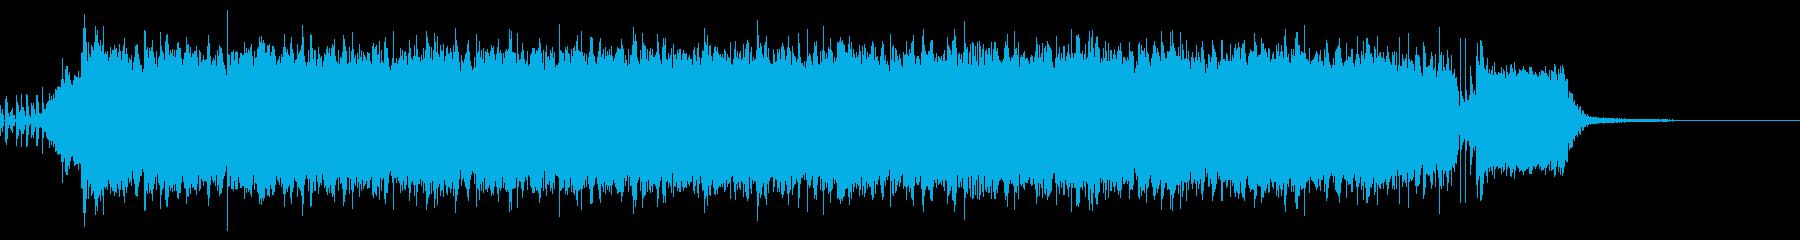 【30秒】激しいロック盛り上がるアンセムの再生済みの波形